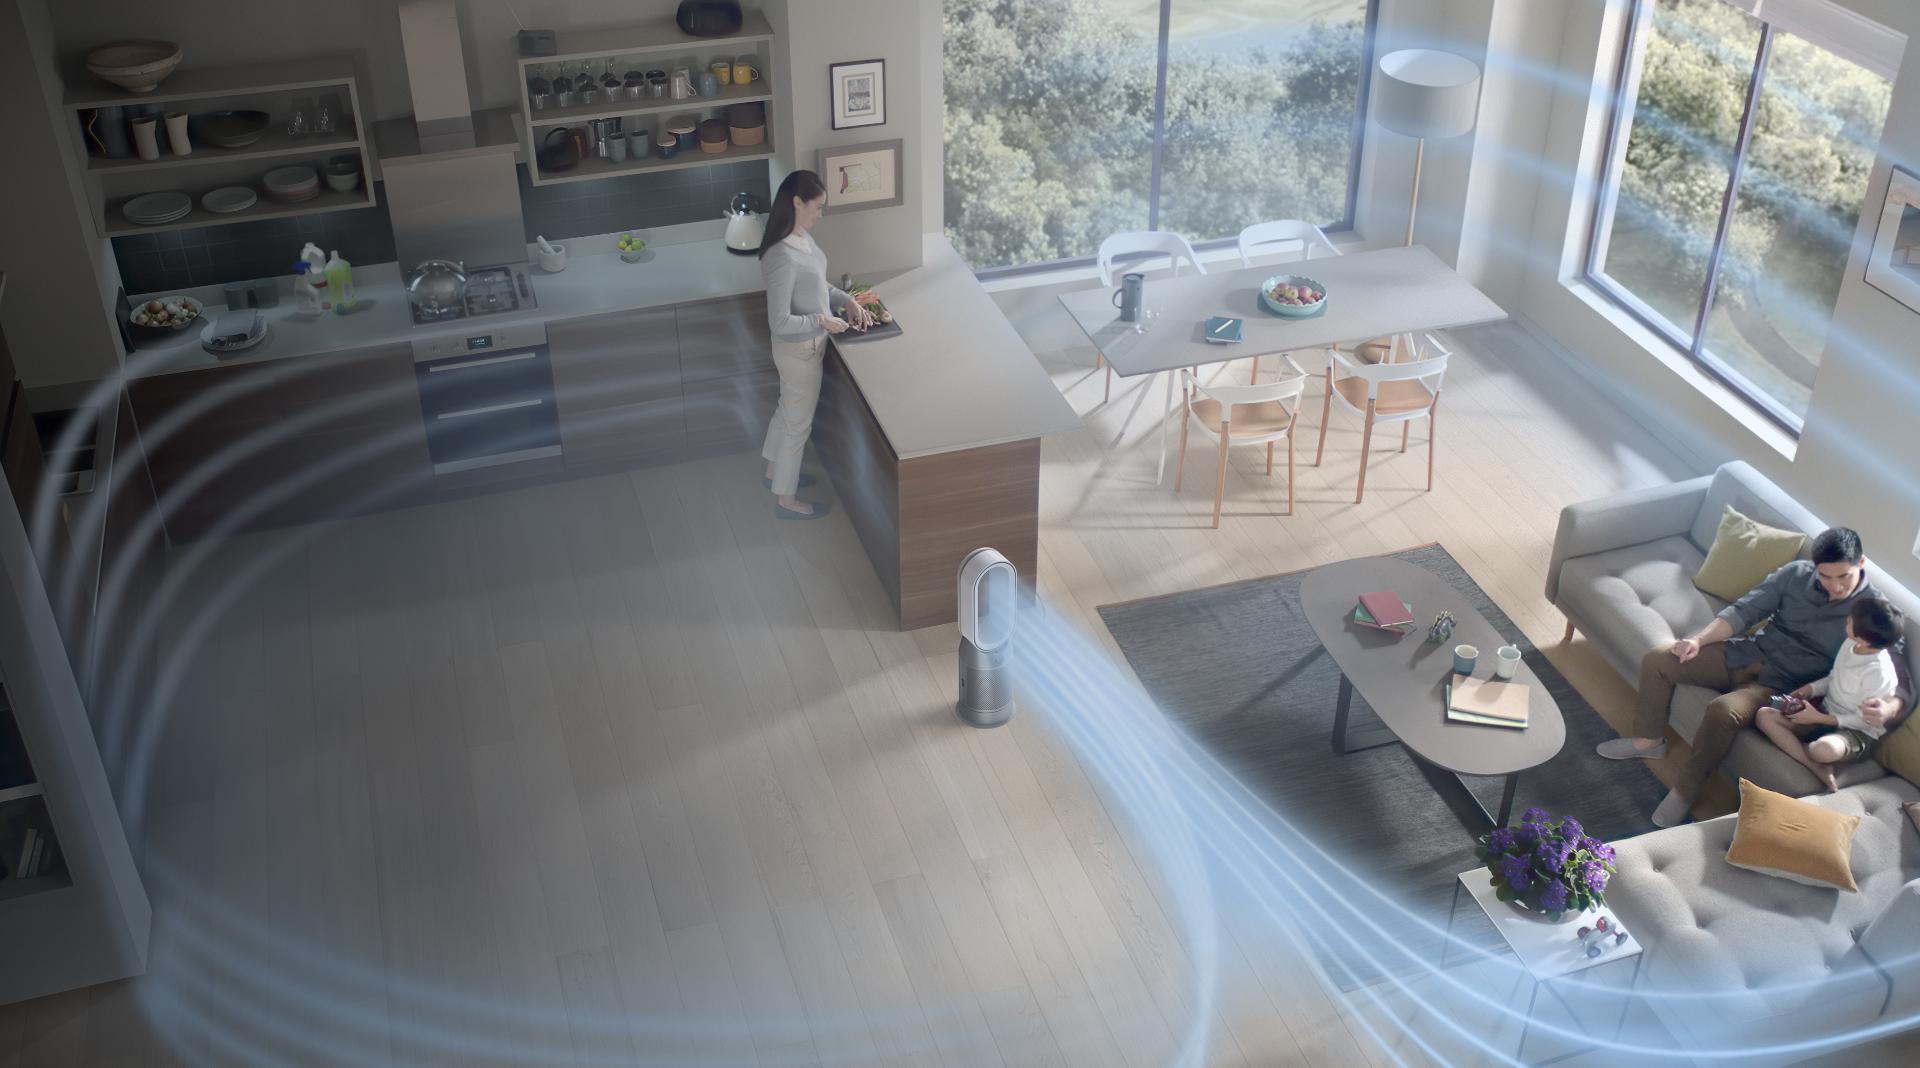 Hűsítő légáramot biztosít, miközben megtisztítja otthona levegőjét a szennyező anyagok 99,95%-tól